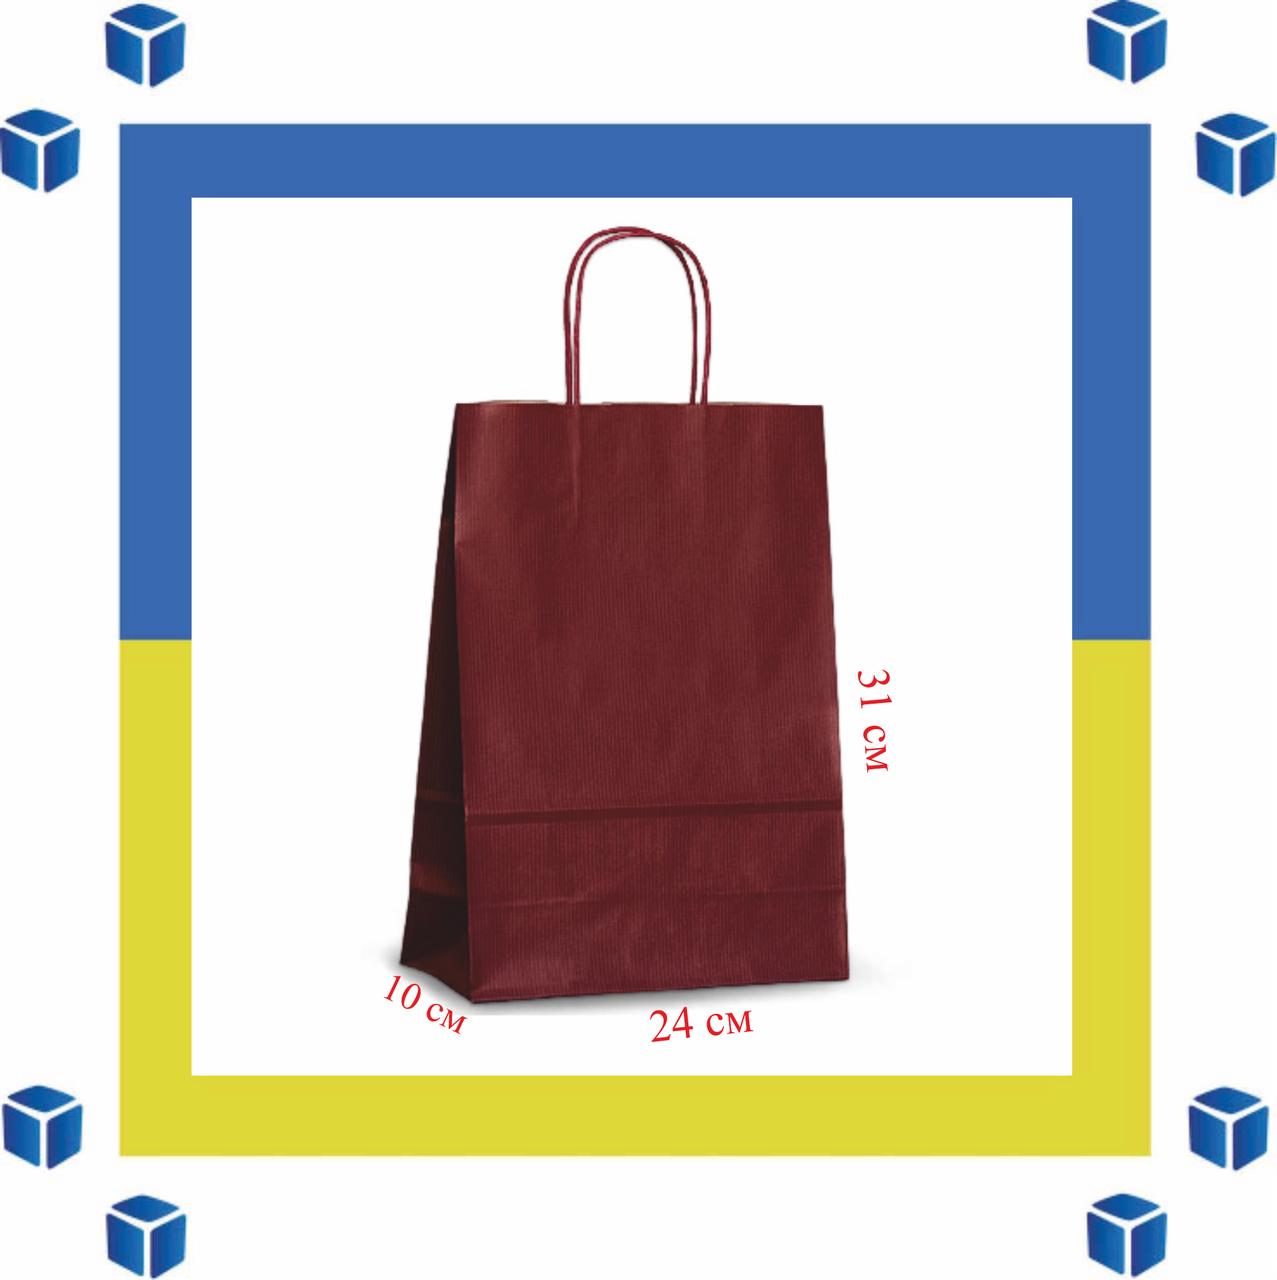 Бумажный пакет с витыми ручками красный (240мм/100мм/310мм)